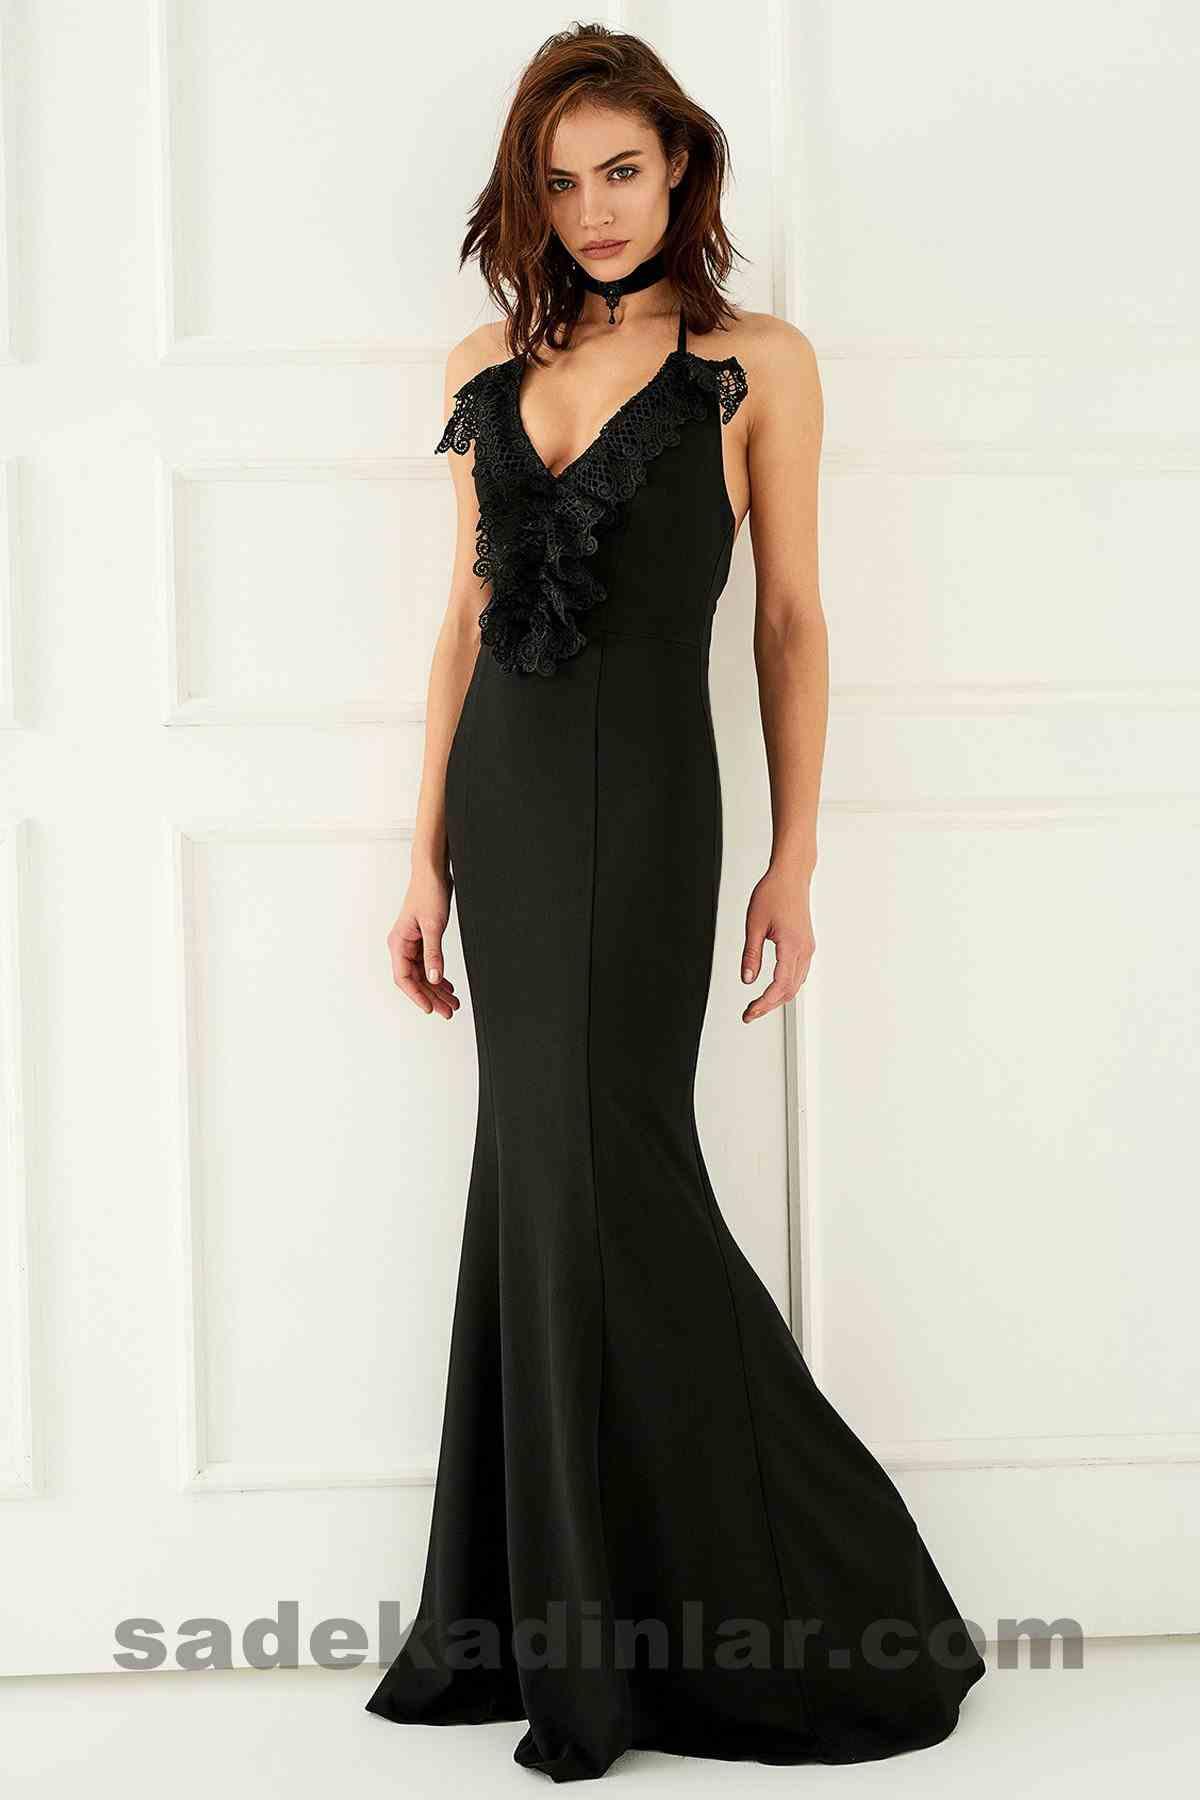 Abiye Elbise Modelleri Şık ve Güzel 2019 Gece Elbiseleri Yakası Dantel Siyah Uzun